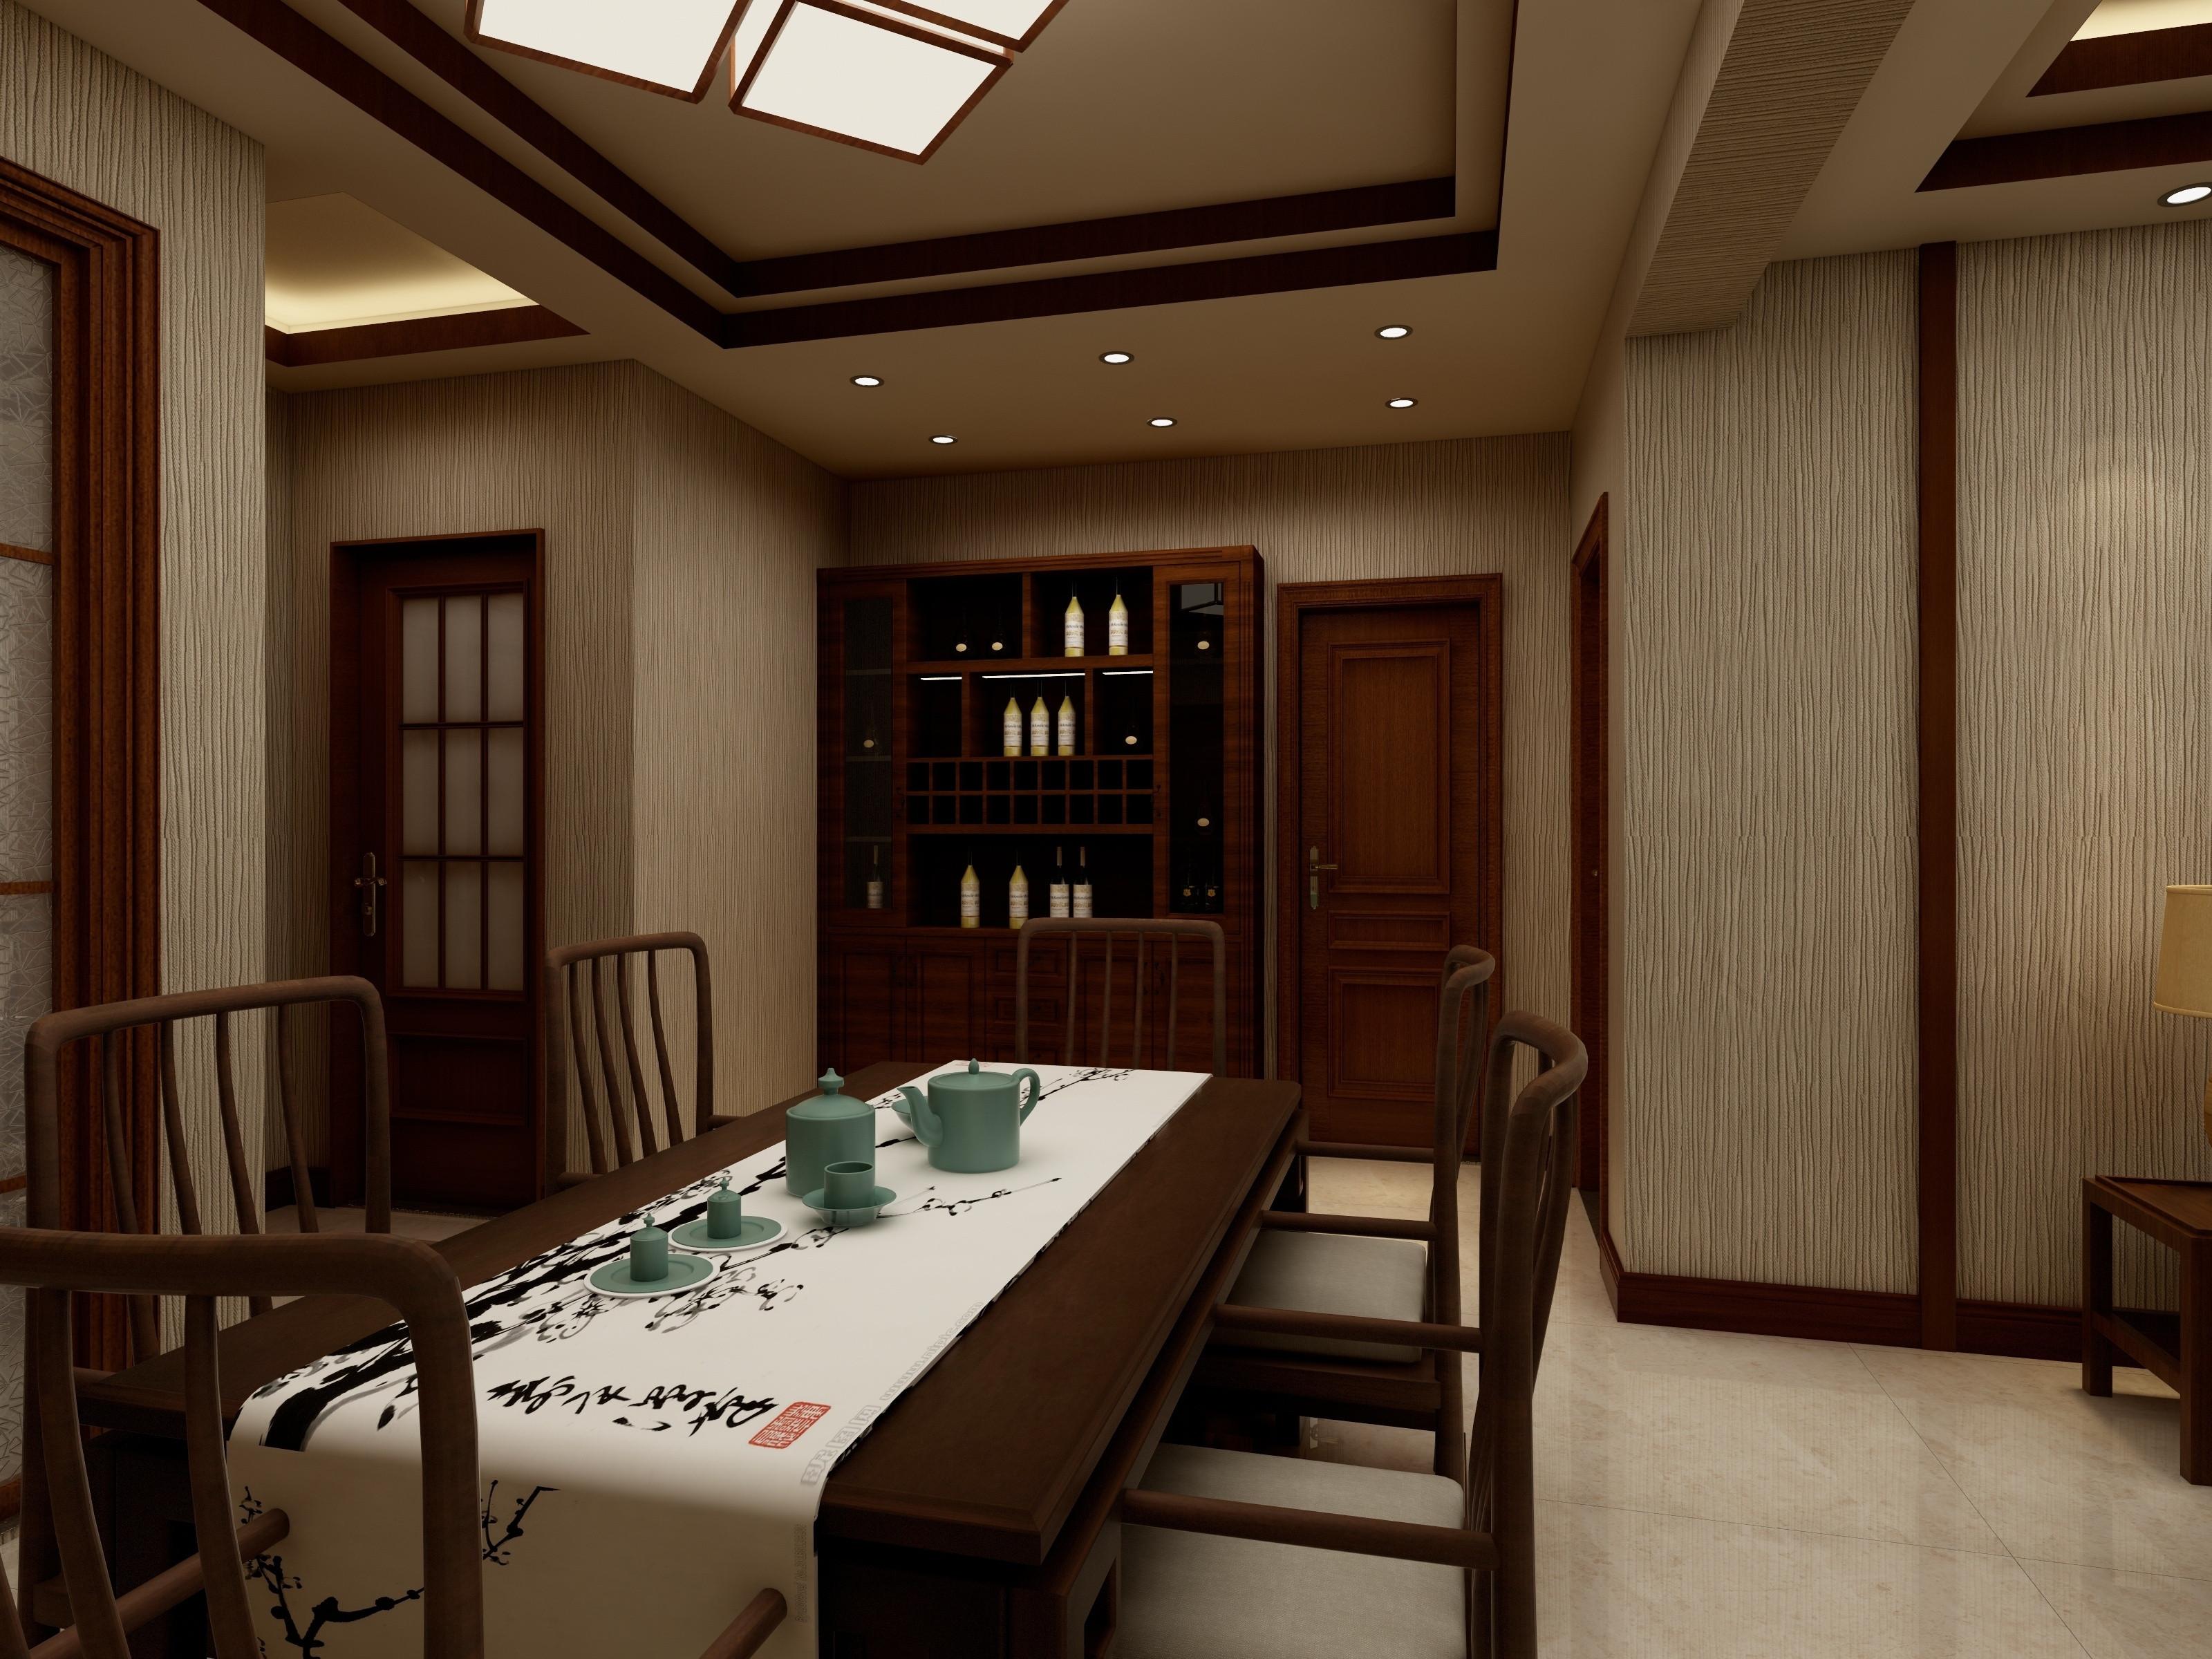 简约中式装修餐厅效果图